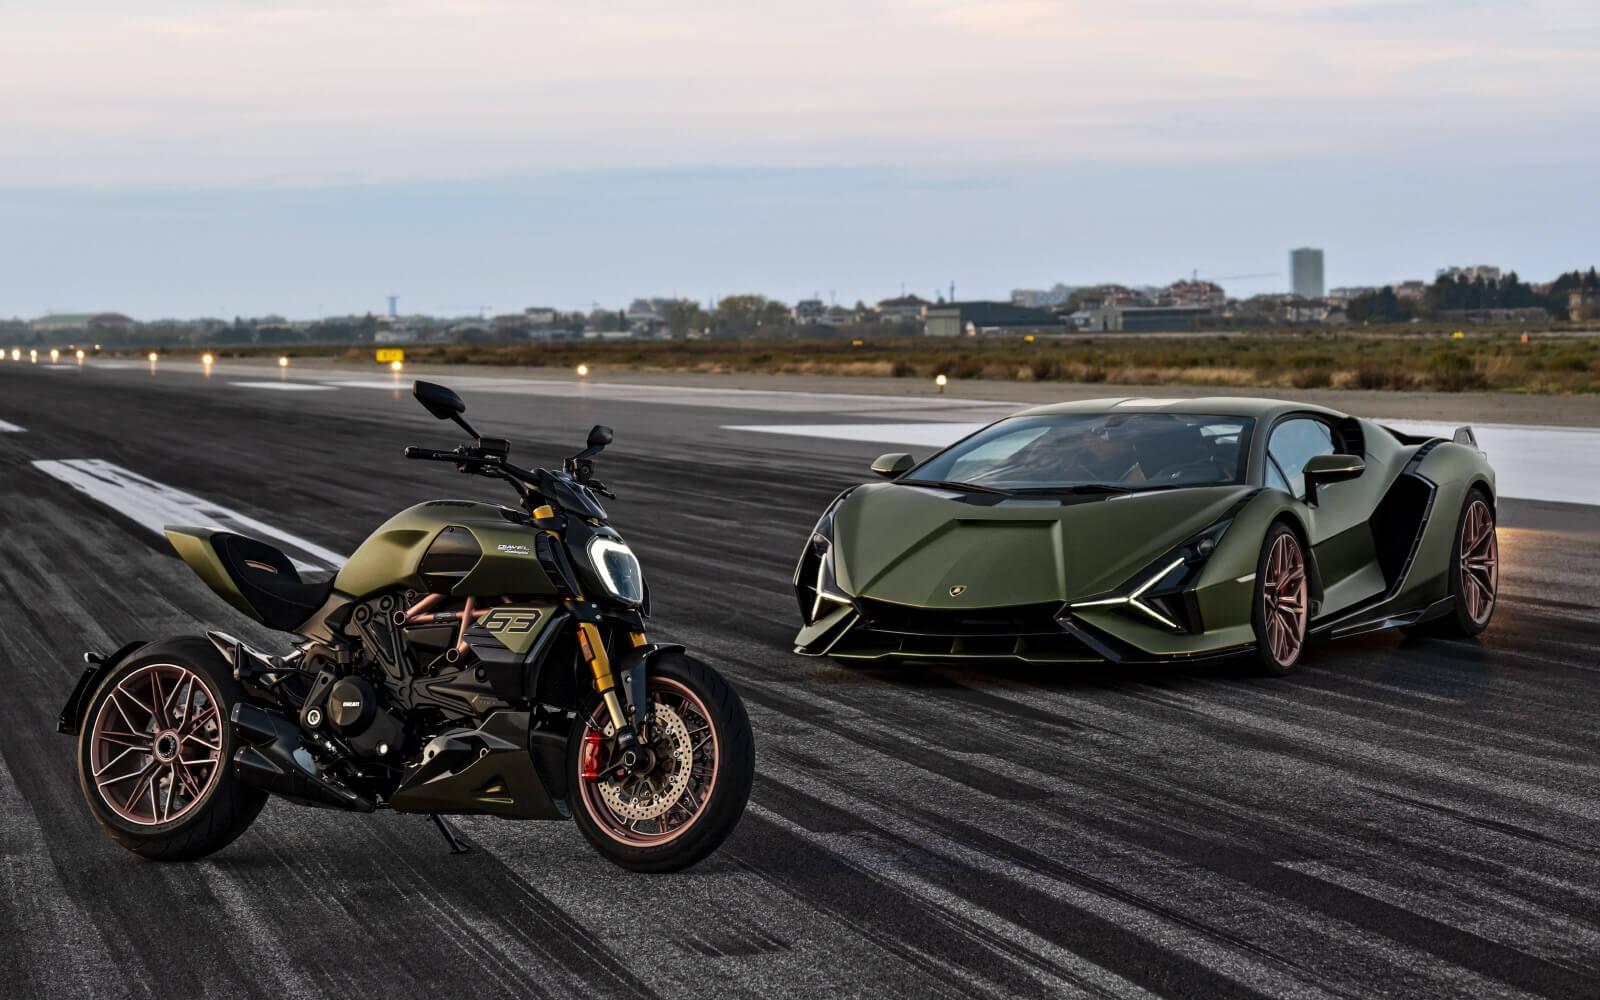 New Diavel 1260 Lamborghini